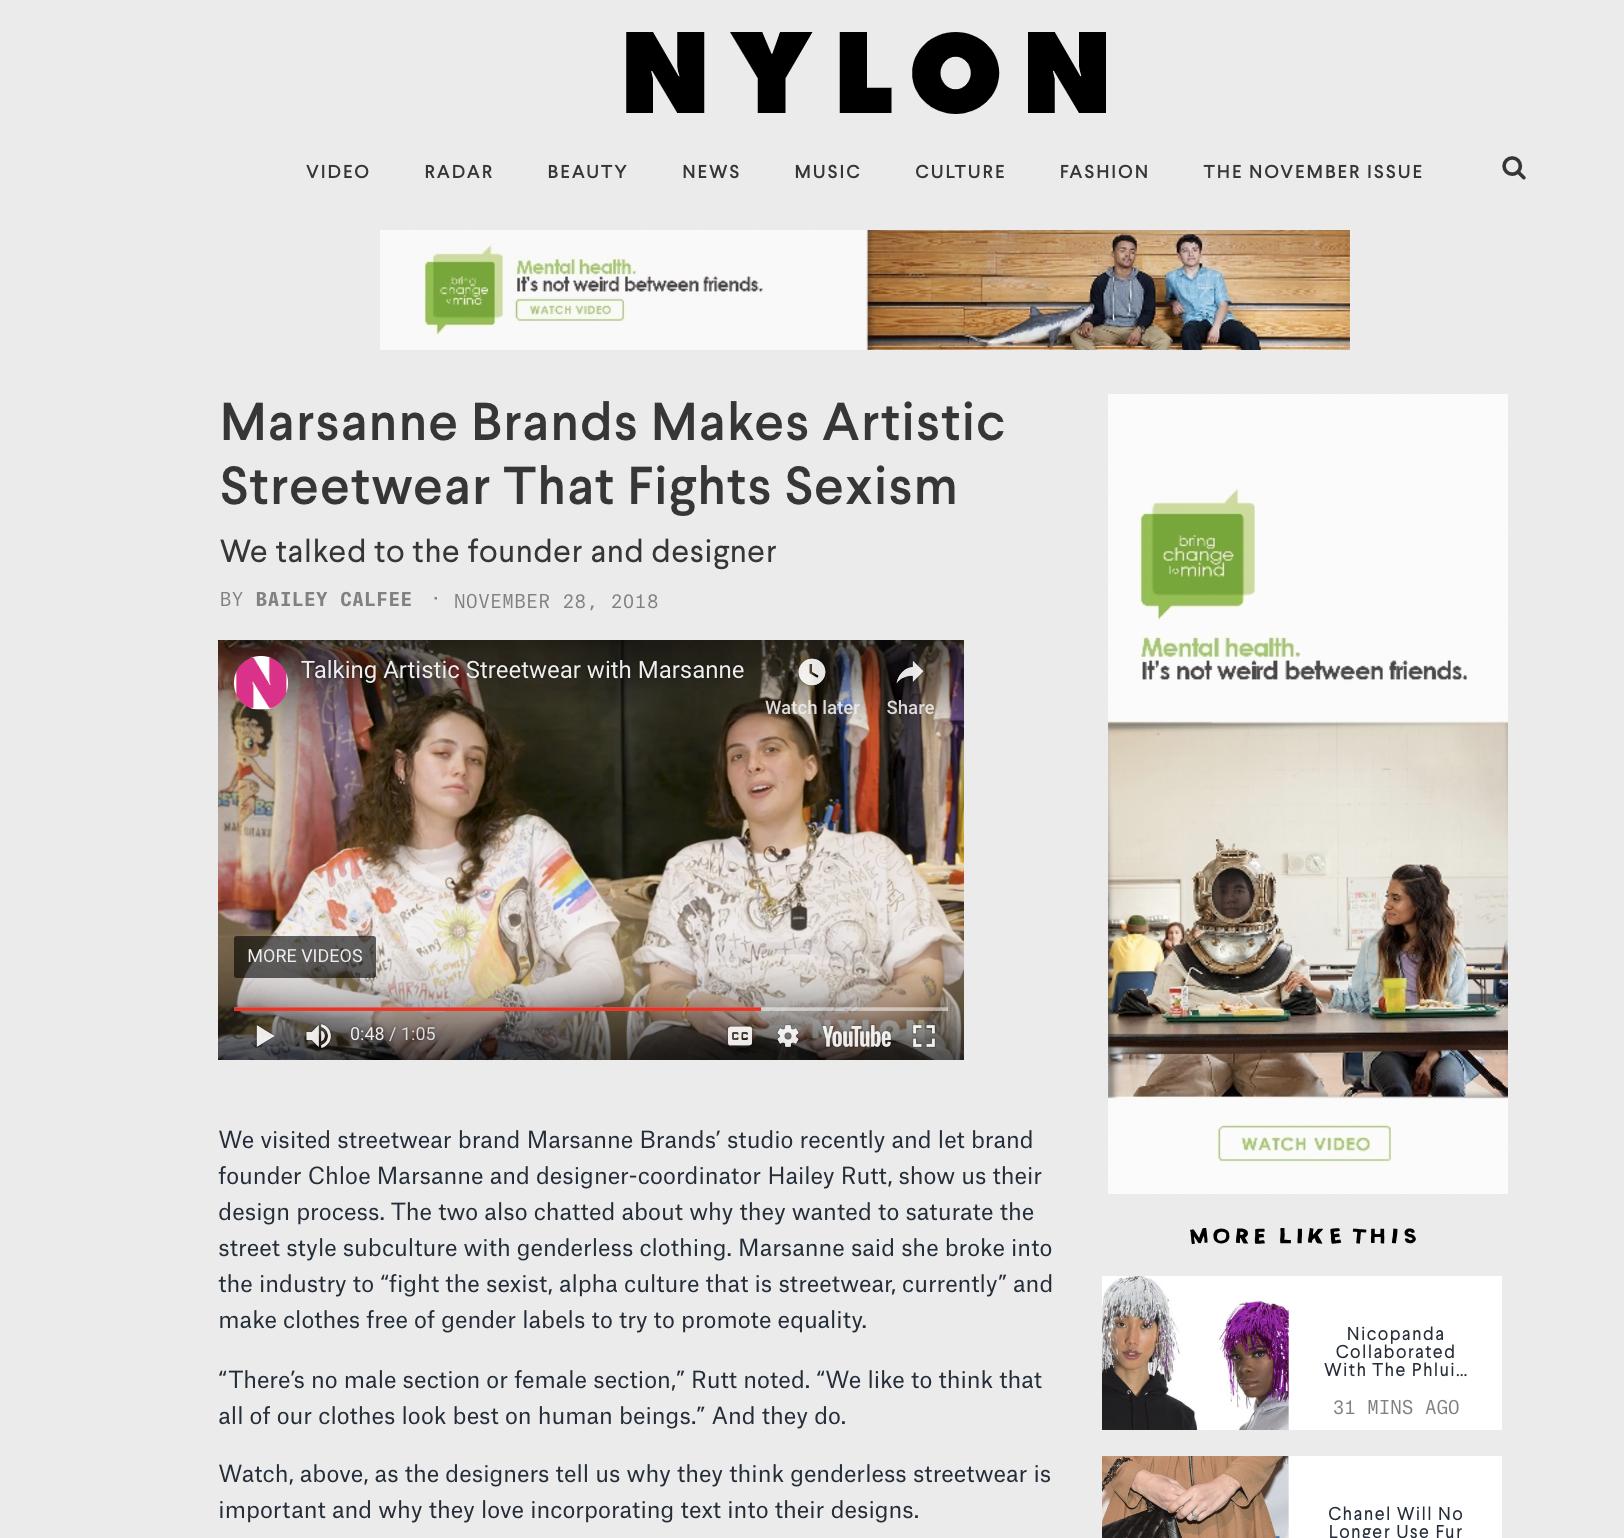 NYLON MAGAZINE - MARSANNE BRANDS VIDEO WITH NYLON MAGAZINE